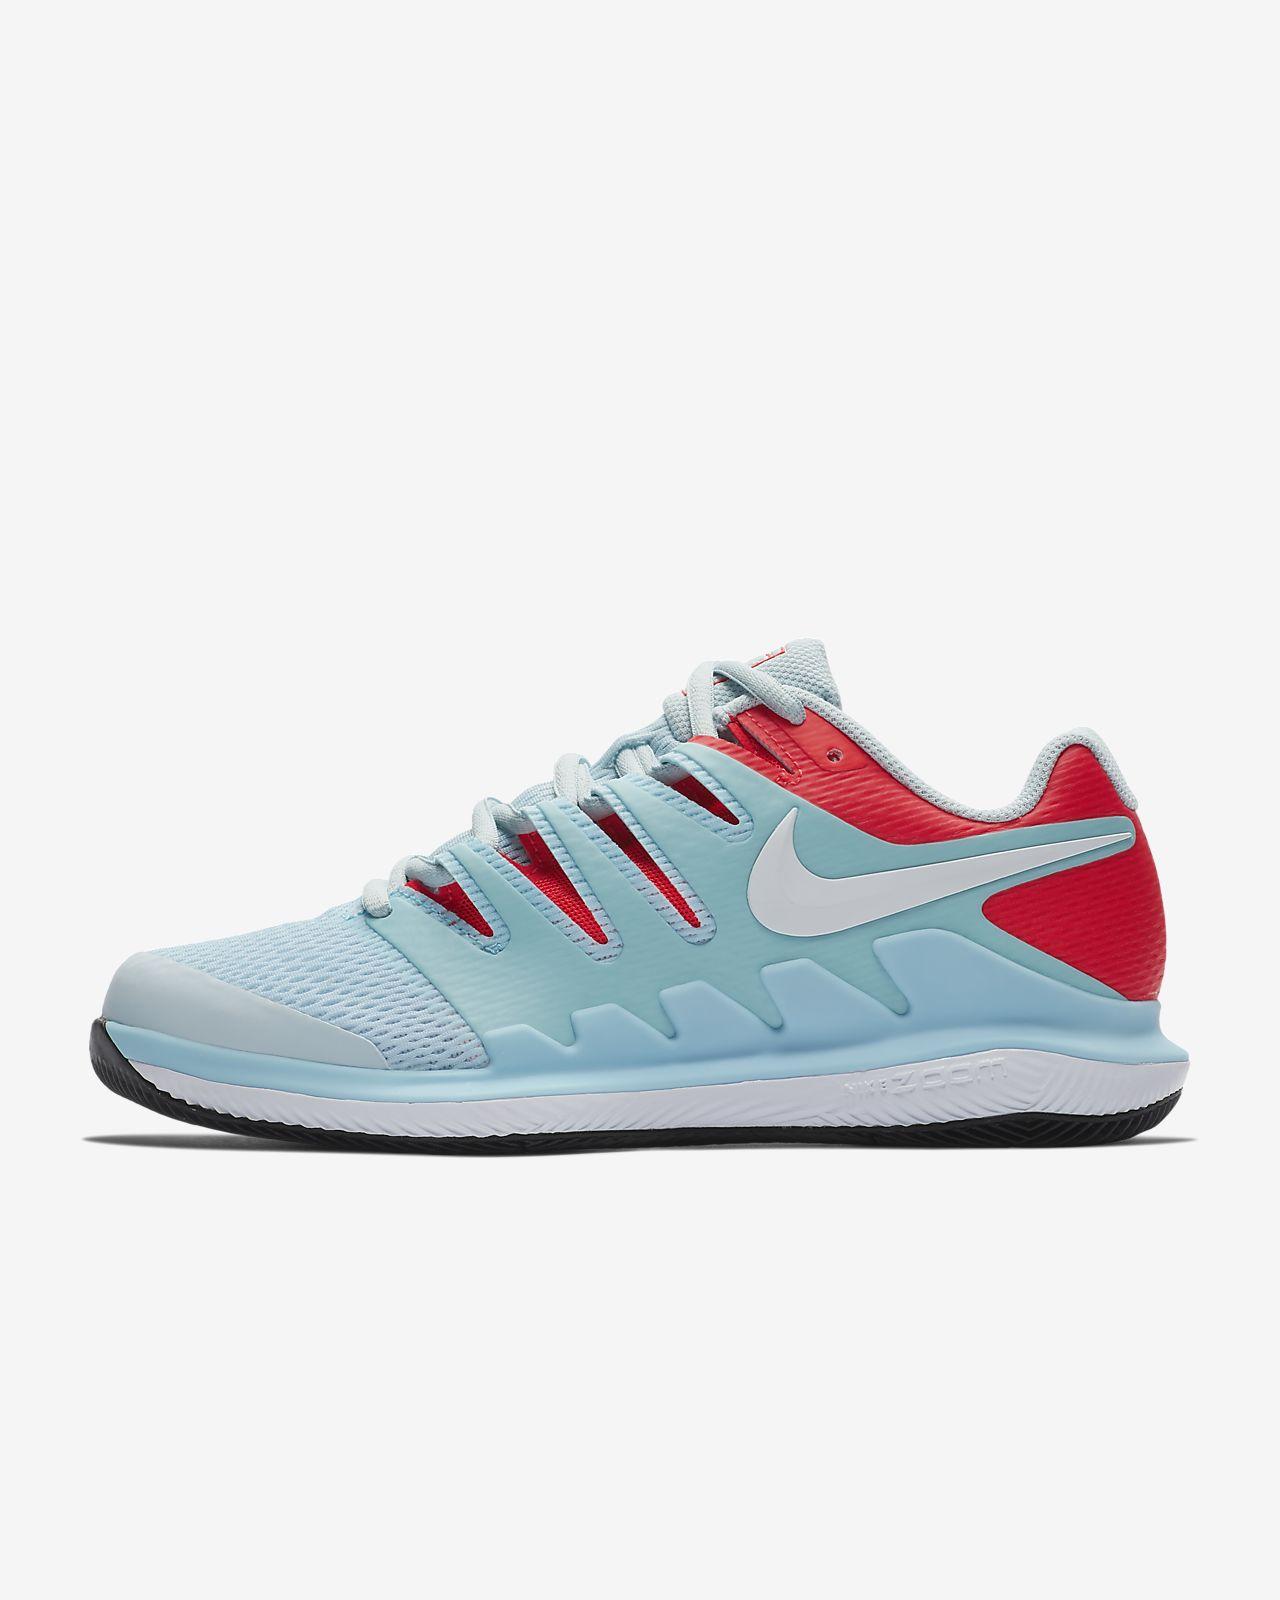 NikeCourt Air Zoom Vapor X női teniszcipő keményborítású pályákhoz